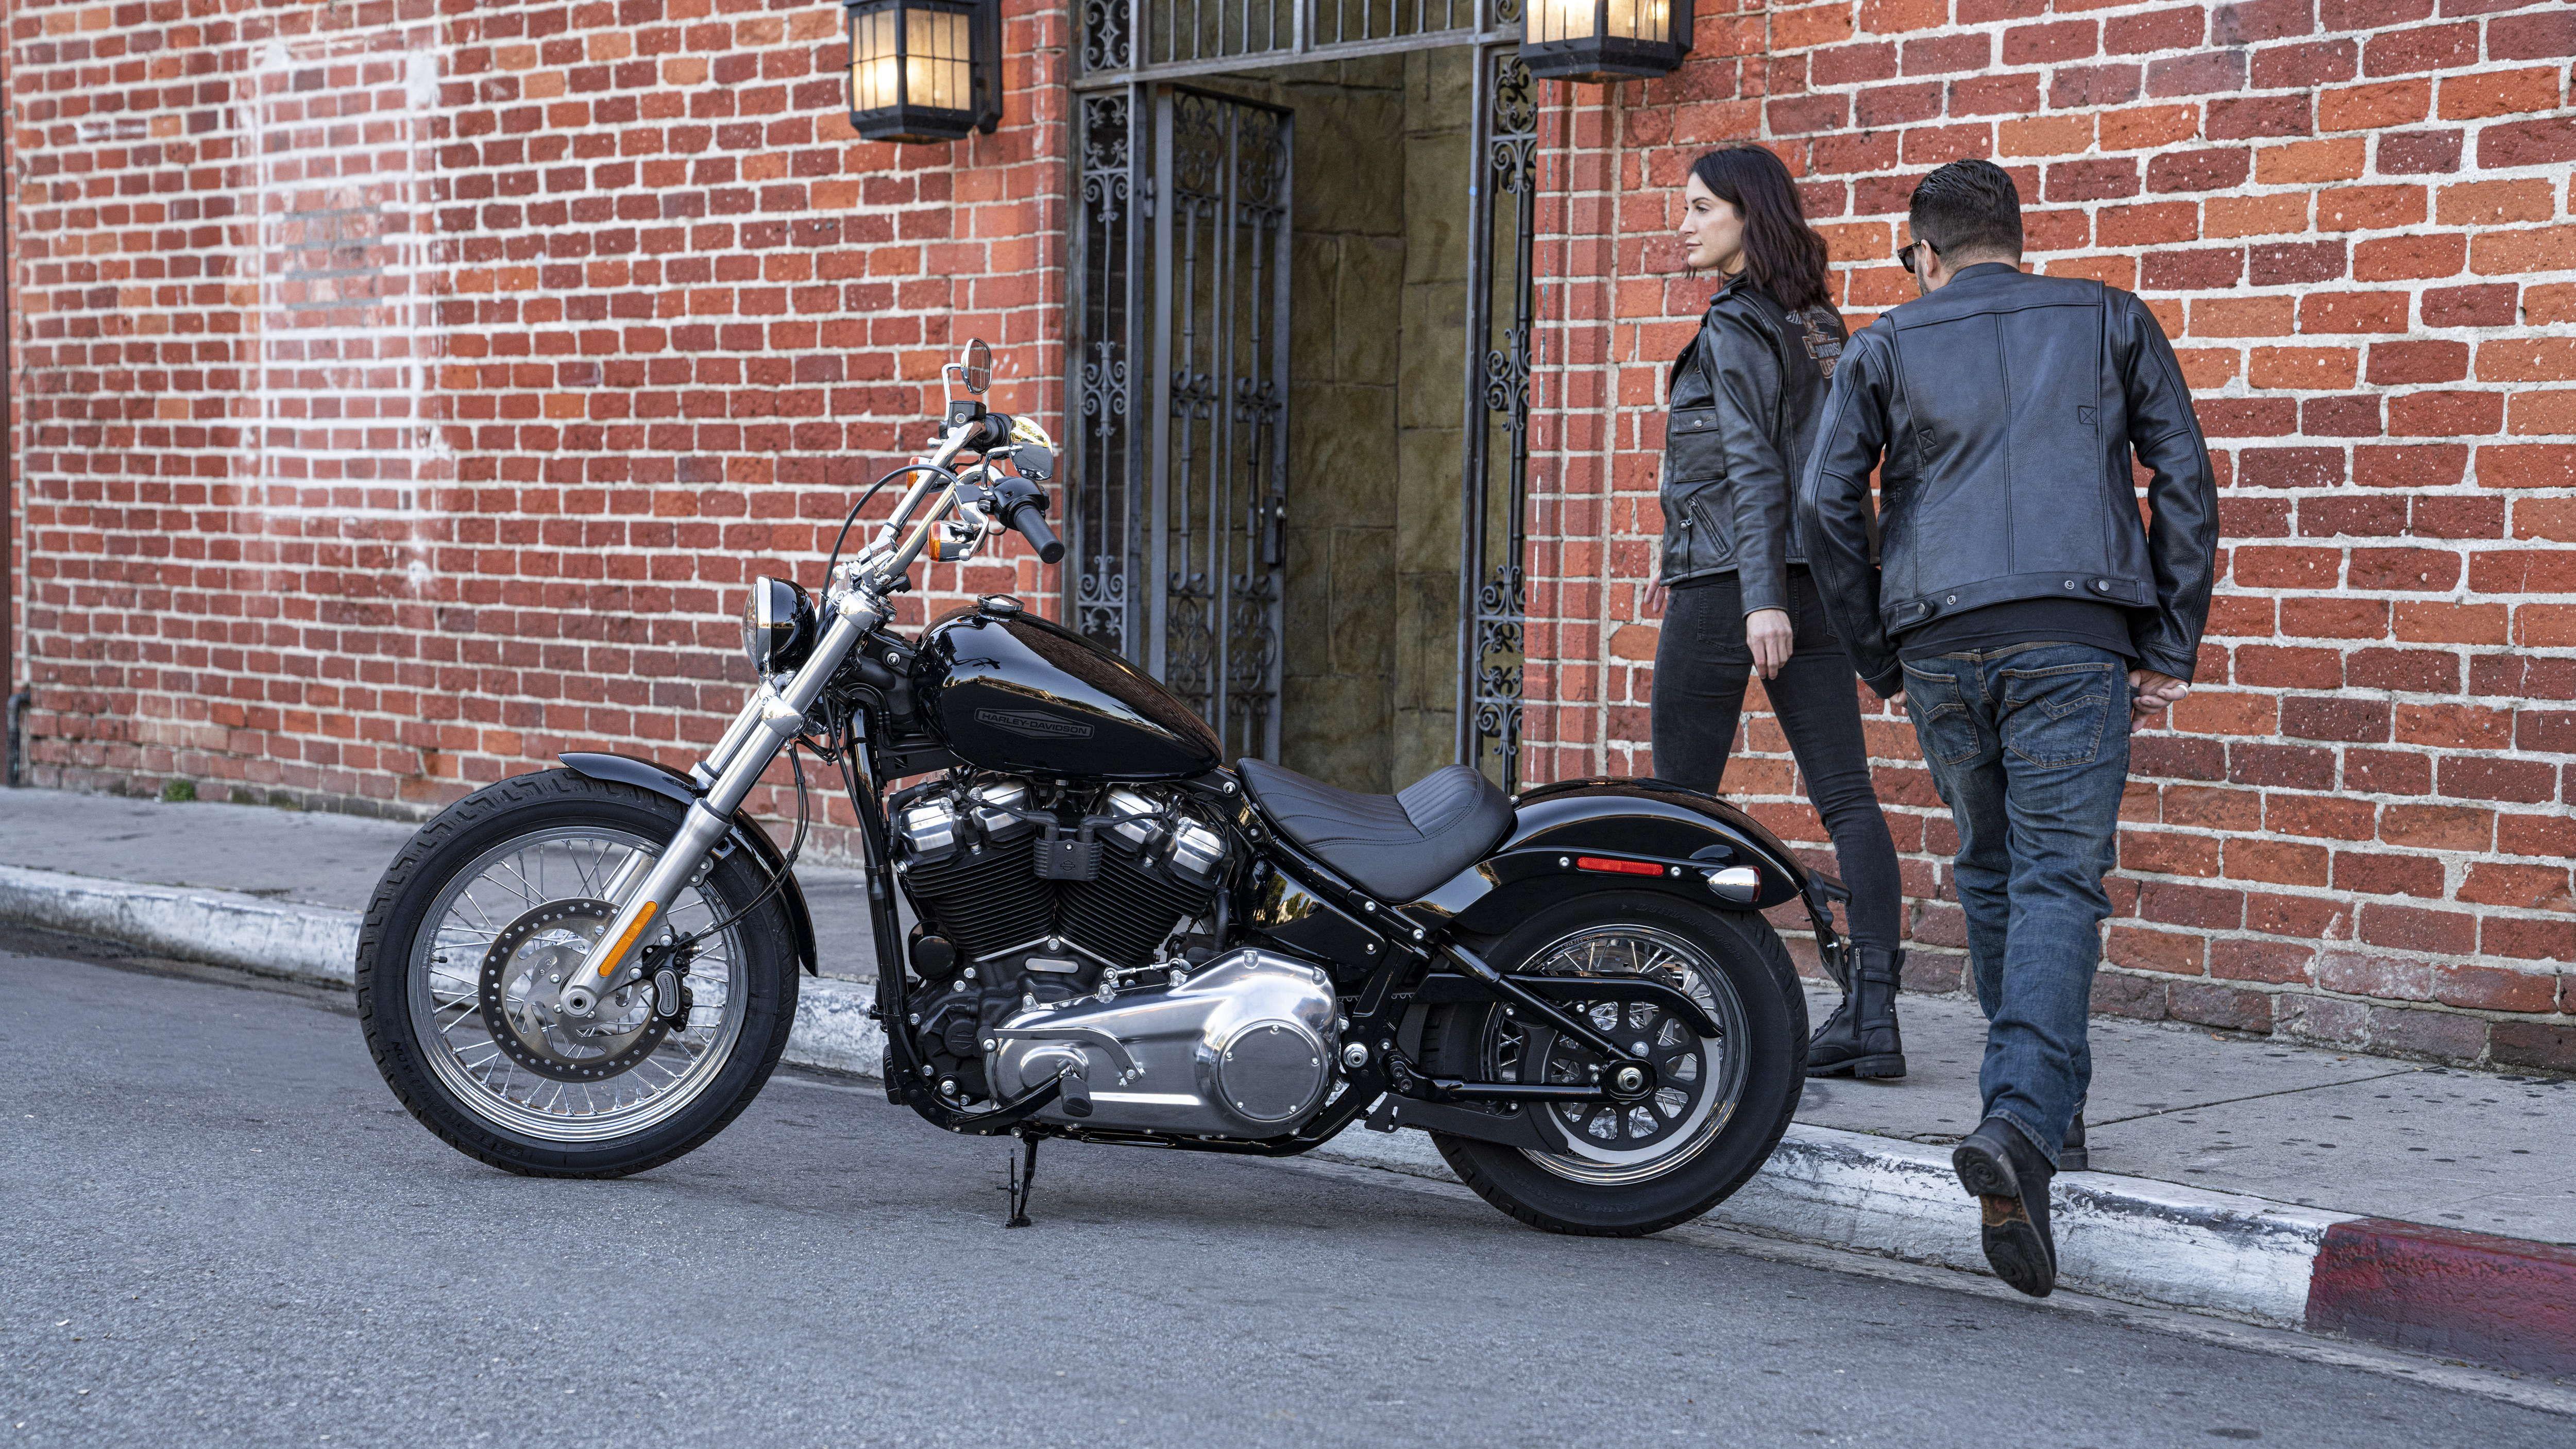 2020 Harley Davidson Softail Standard Top Speed In 2020 Harley Softail Harley Davidson Model Softail